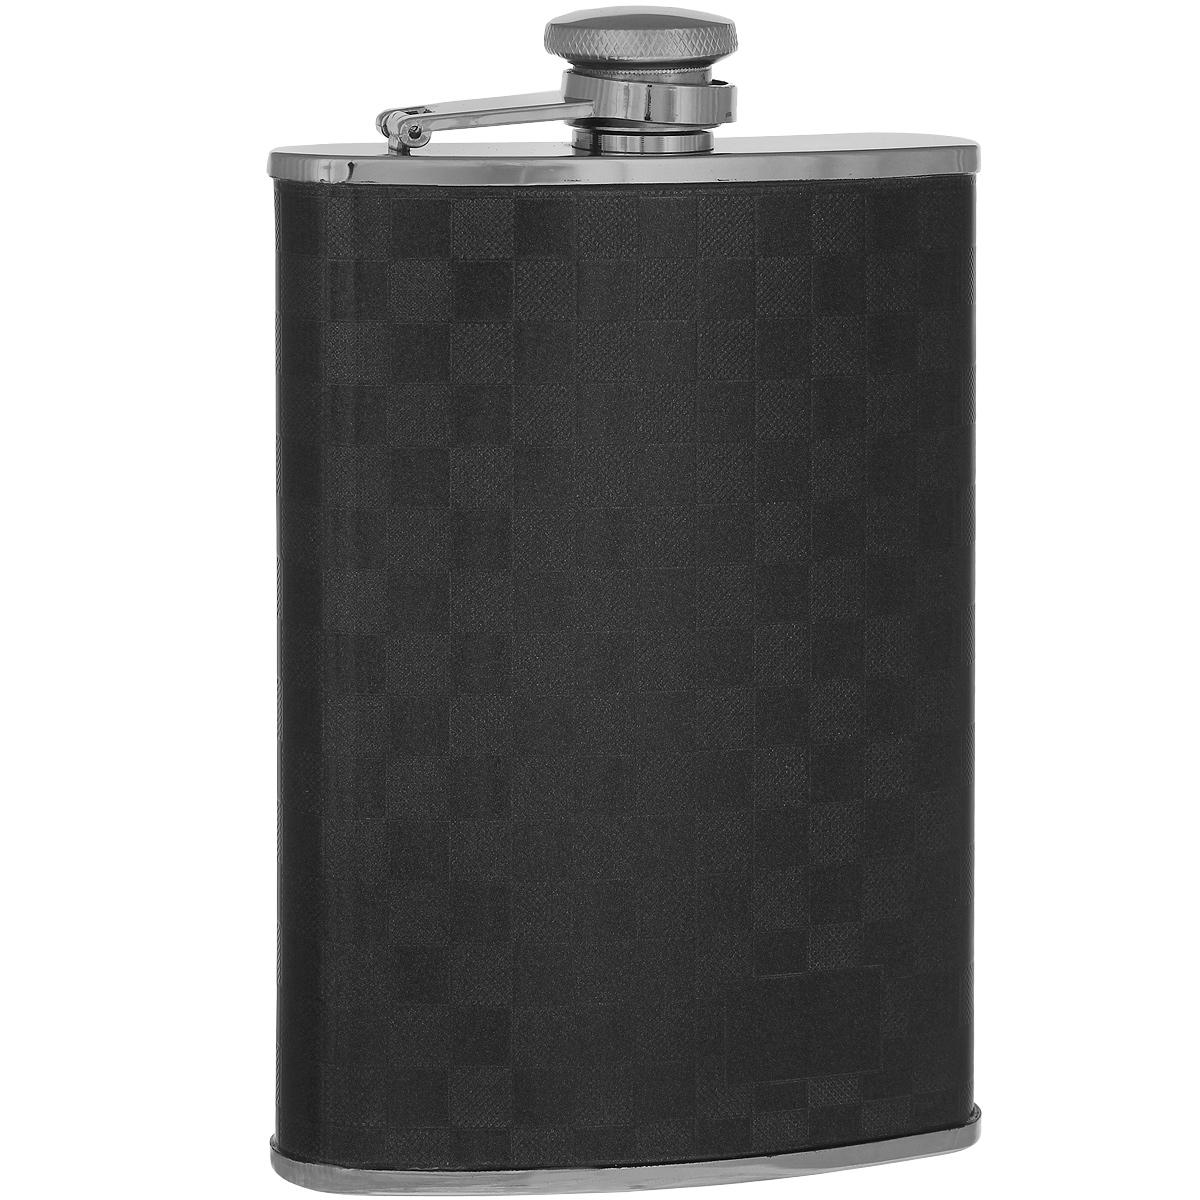 Фляга S.Quire, 270 мл. 1709YX-3-BLK1709YX-3-BLKФляга S.Quire изготовлена из нержавеющей стали 18/10 и оформлена шахматным рисунком. Фляга специально предназначена для хранения алкогольных напитков. Ее нельзя использовать для напитков, содержащих кислоту, таких как сок и сердечные лекарства. Крышка плотно закрывается, предотвращая проливание. Фляга S.Quire - идеальный подарок для настоящих мужчин. Стильный дизайн, компактность и качество изделия, несомненно, порадуют любого мужчину.